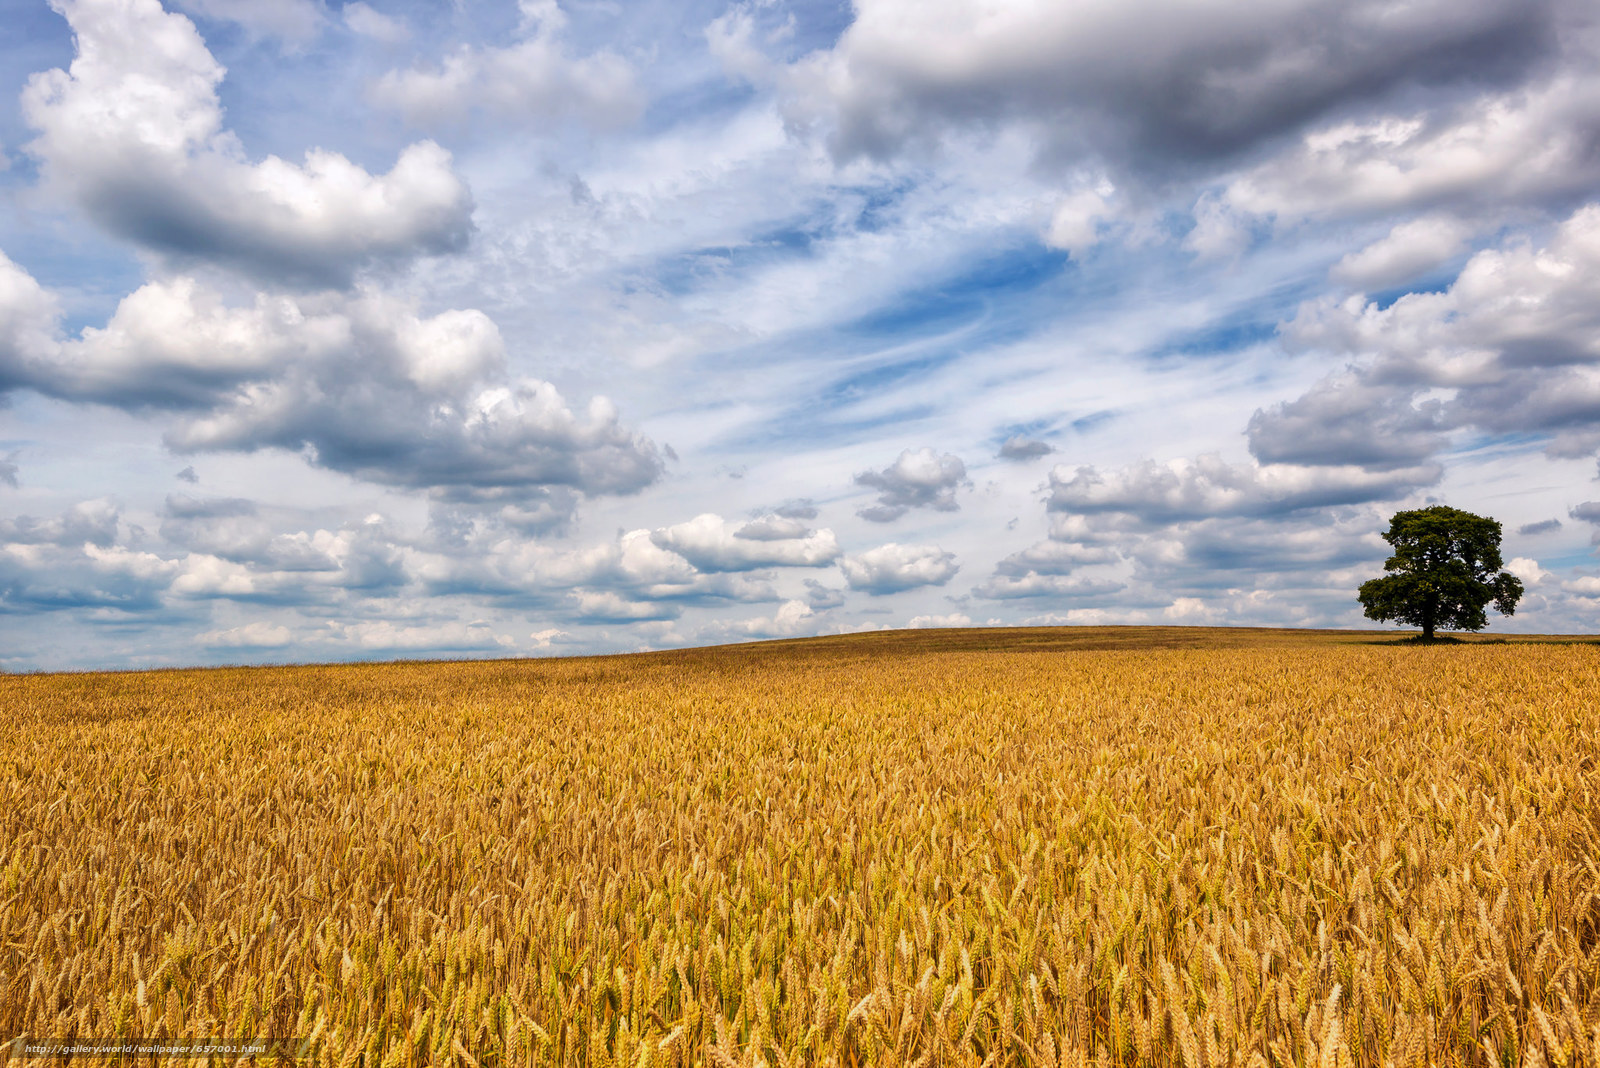 Скачать обои поле,  колосья,  небо,  облака бесплатно для рабочего стола в разрешении 2048x1367 — картинка №657001